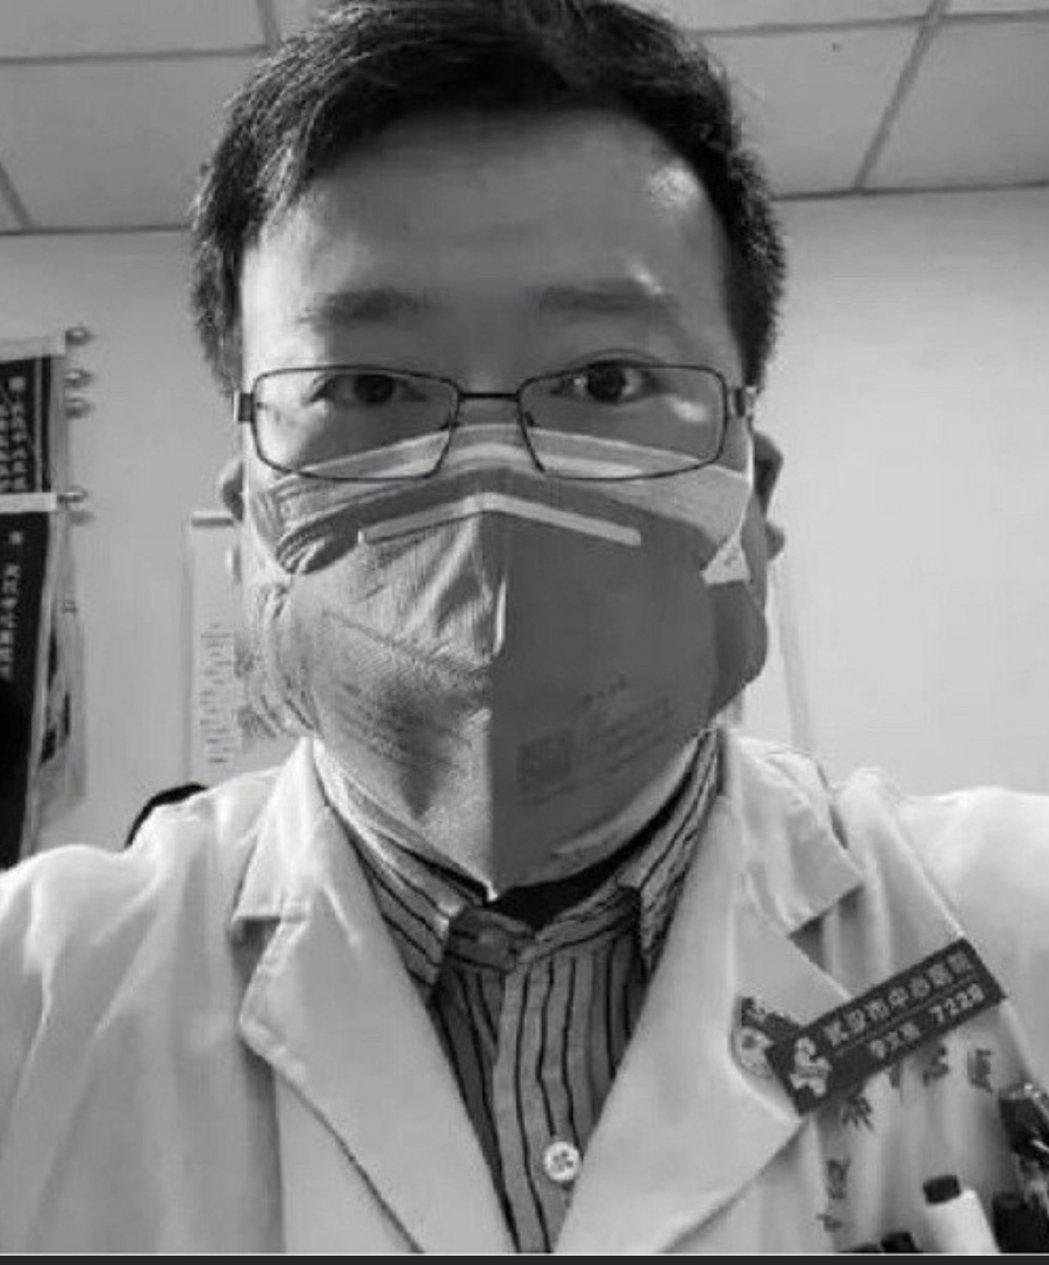 大陸吹哨者李文亮過世,台灣醫護人員注意到他生前的照片是戴著兩層口罩。圖/取自網路